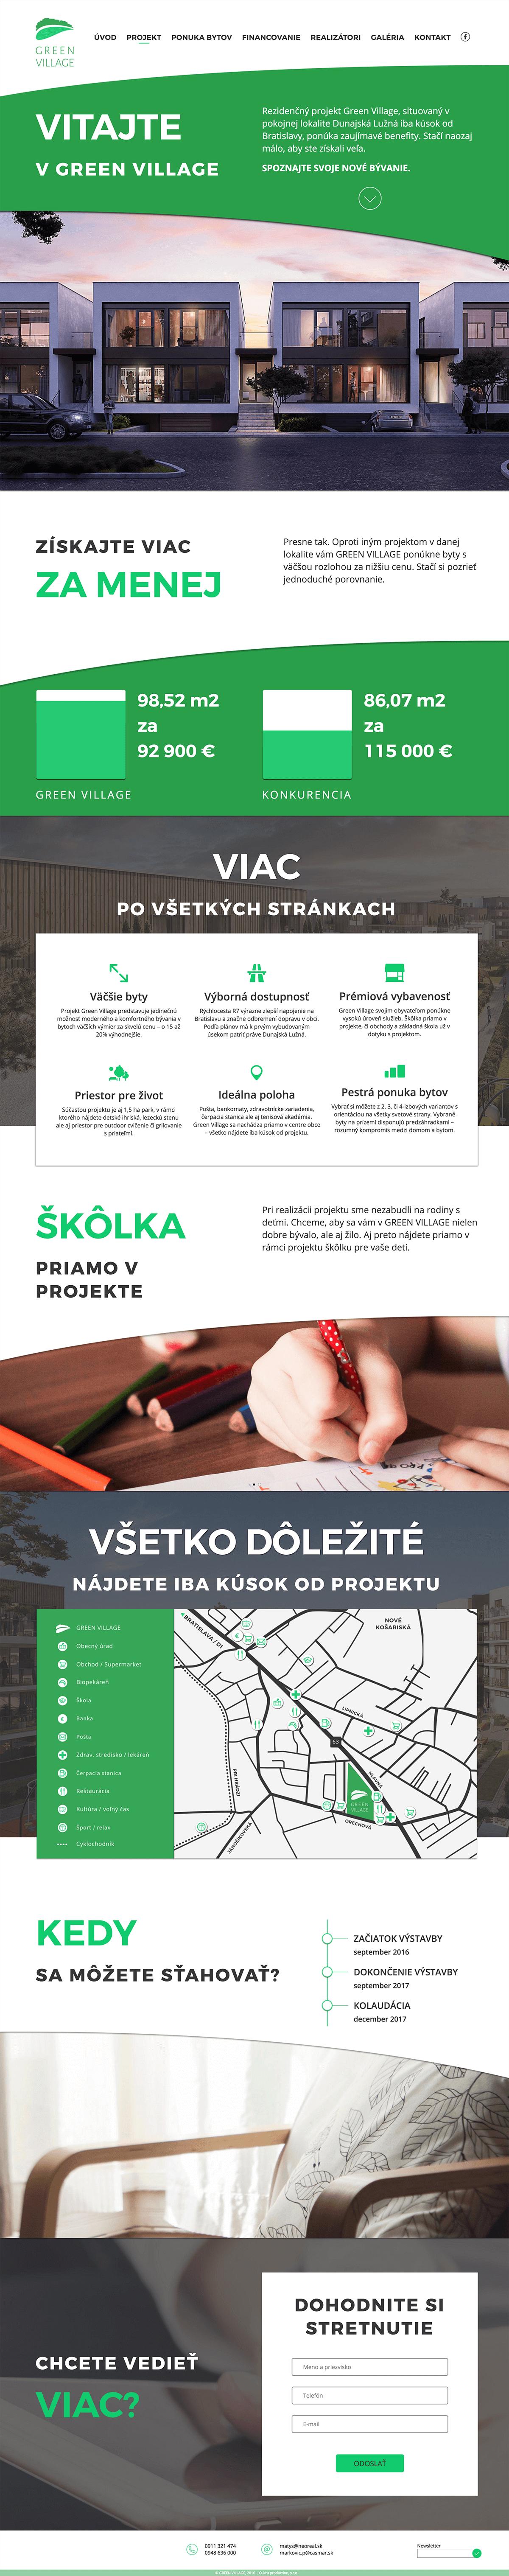 projekt-green-village